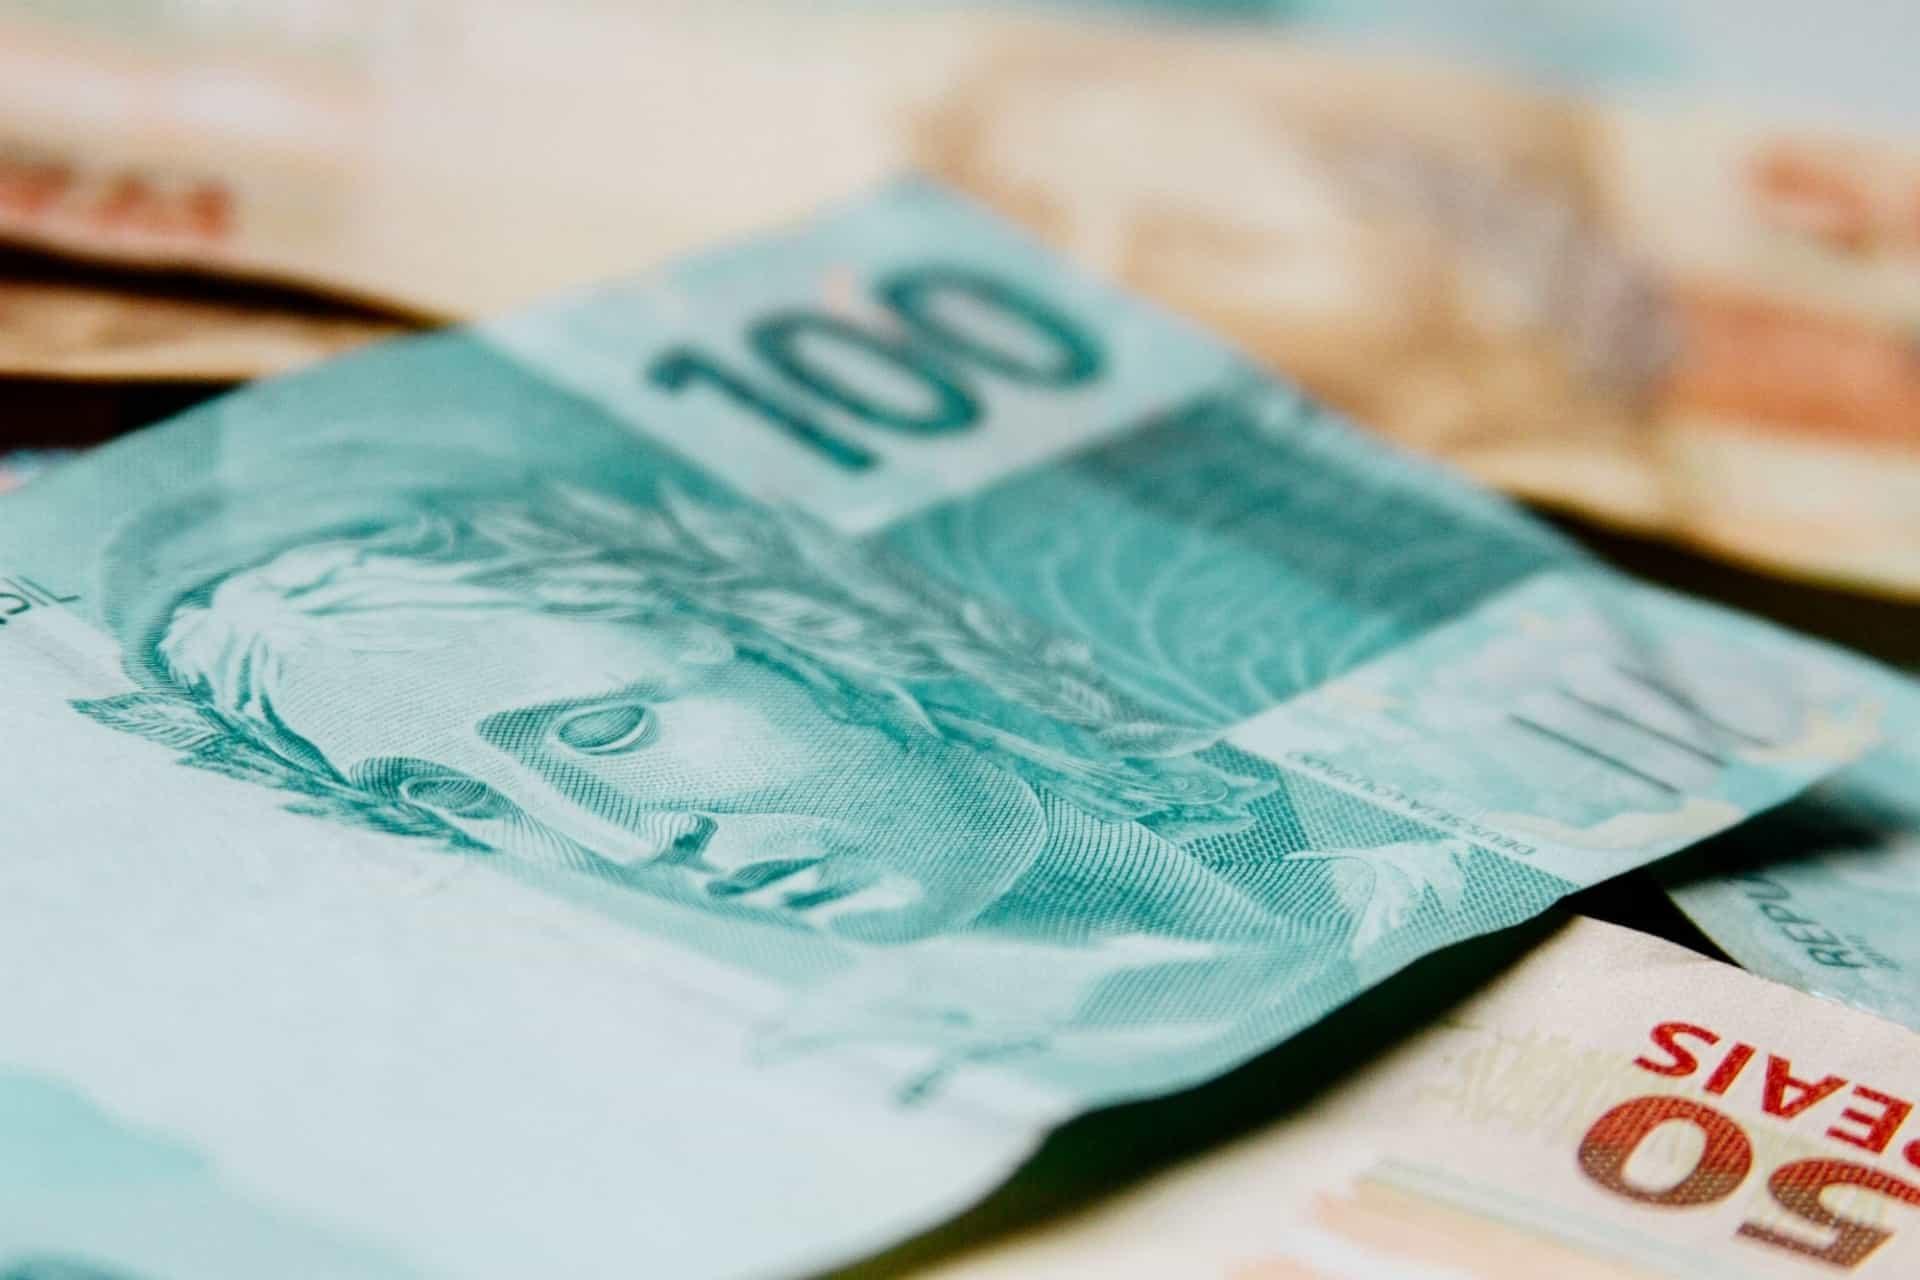 Tesouro Nacional receberá R$325 bilhões vindos do Banco Central